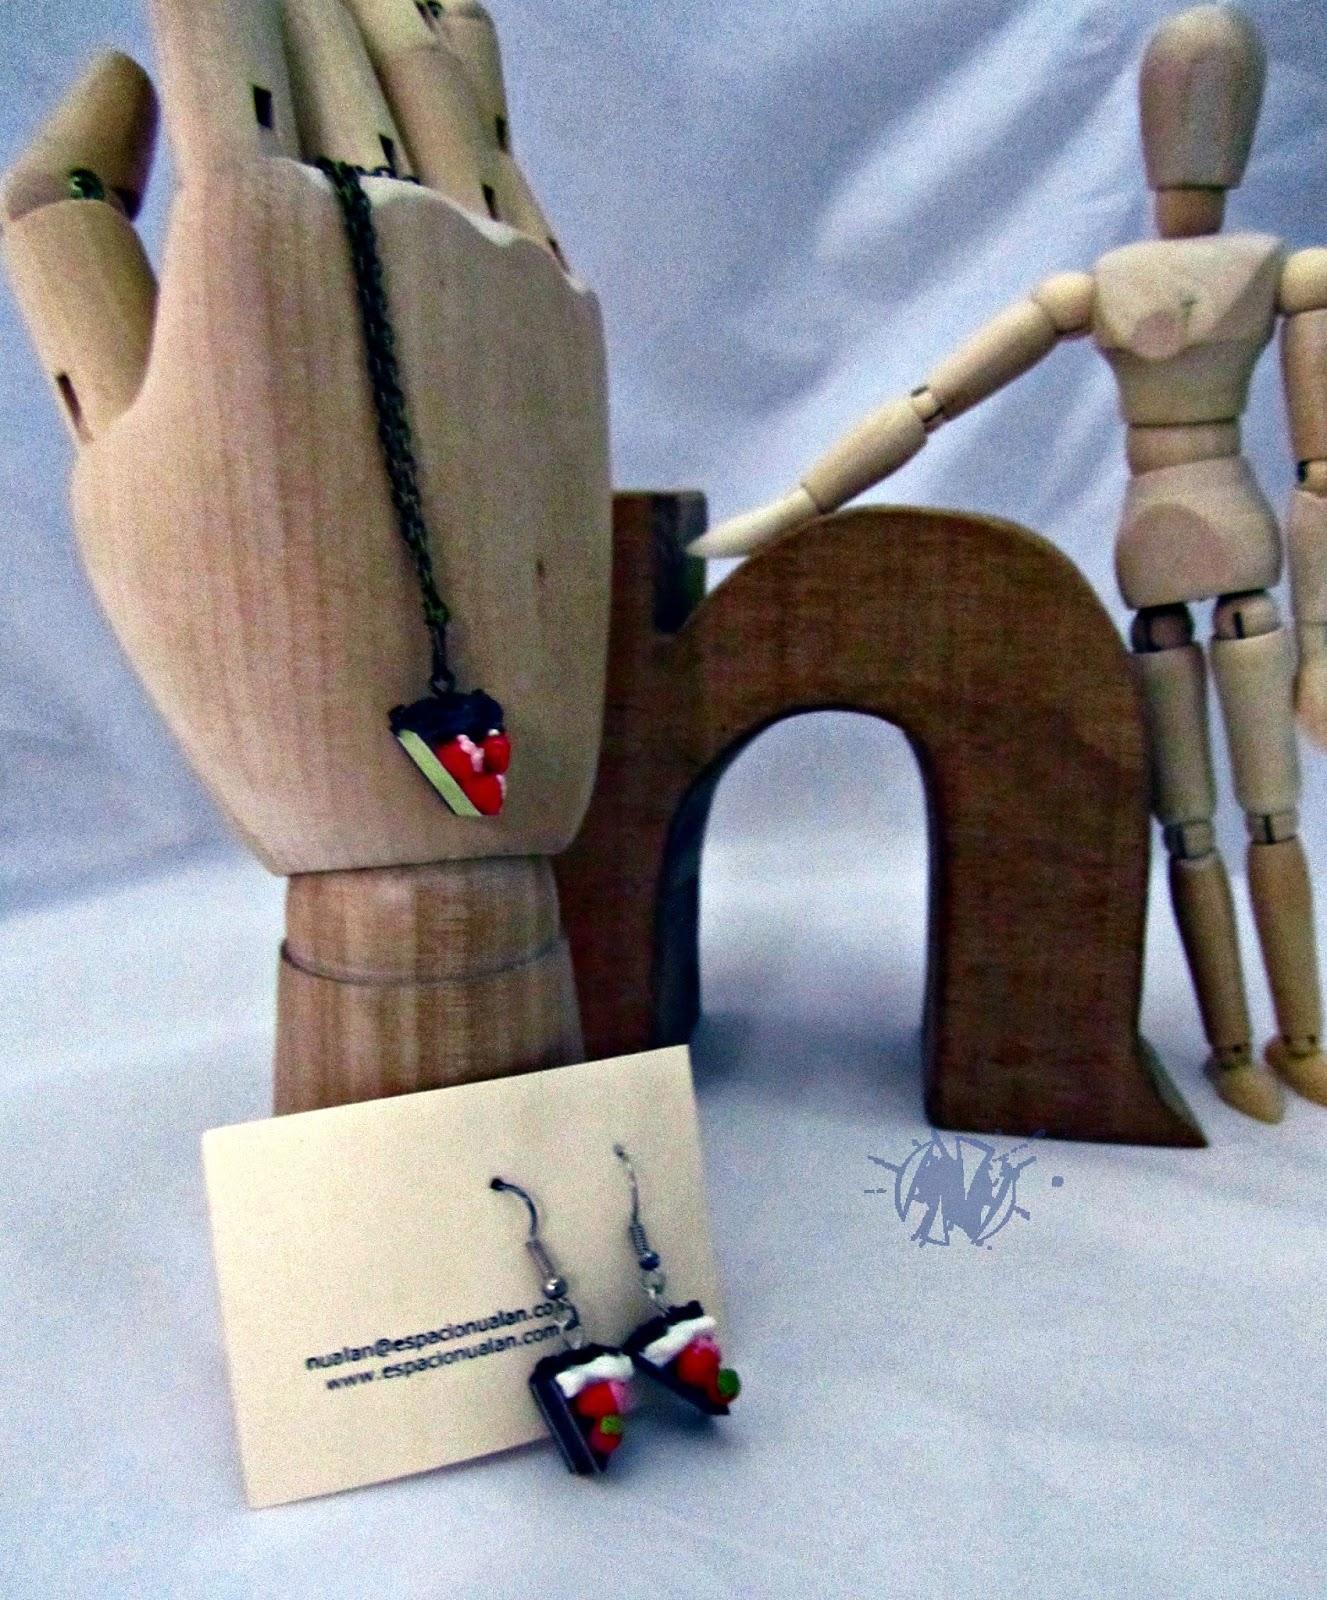 http://espacionualanshop.bigcartel.com/